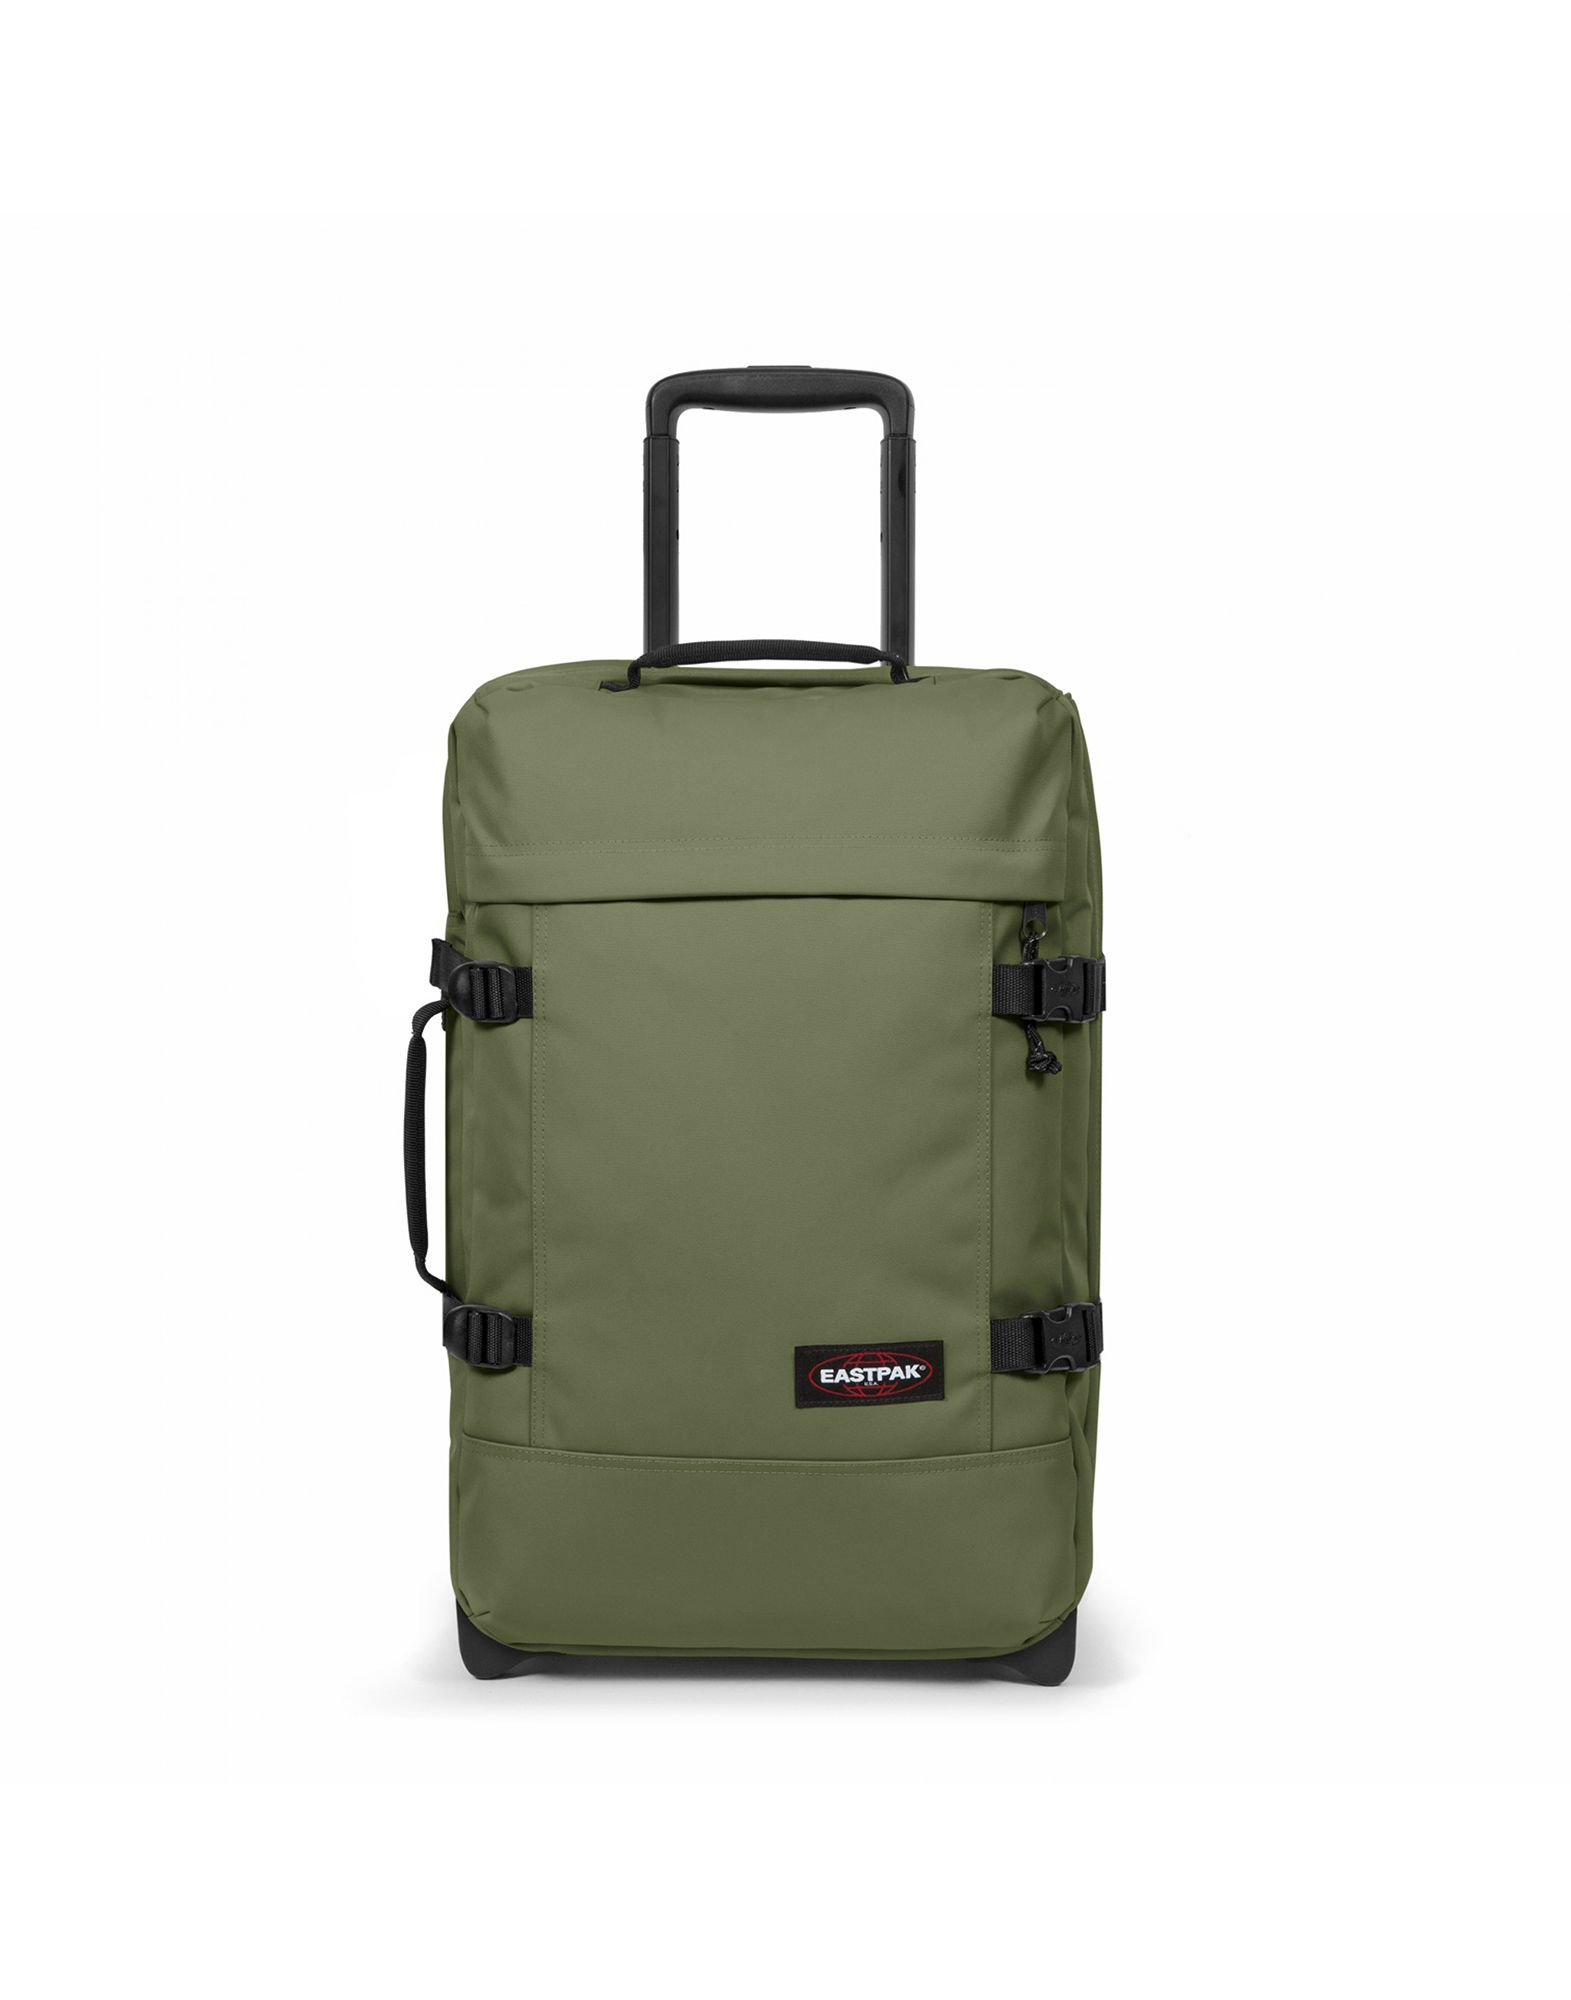 цена EASTPAK Чемодан/сумка на колесиках онлайн в 2017 году